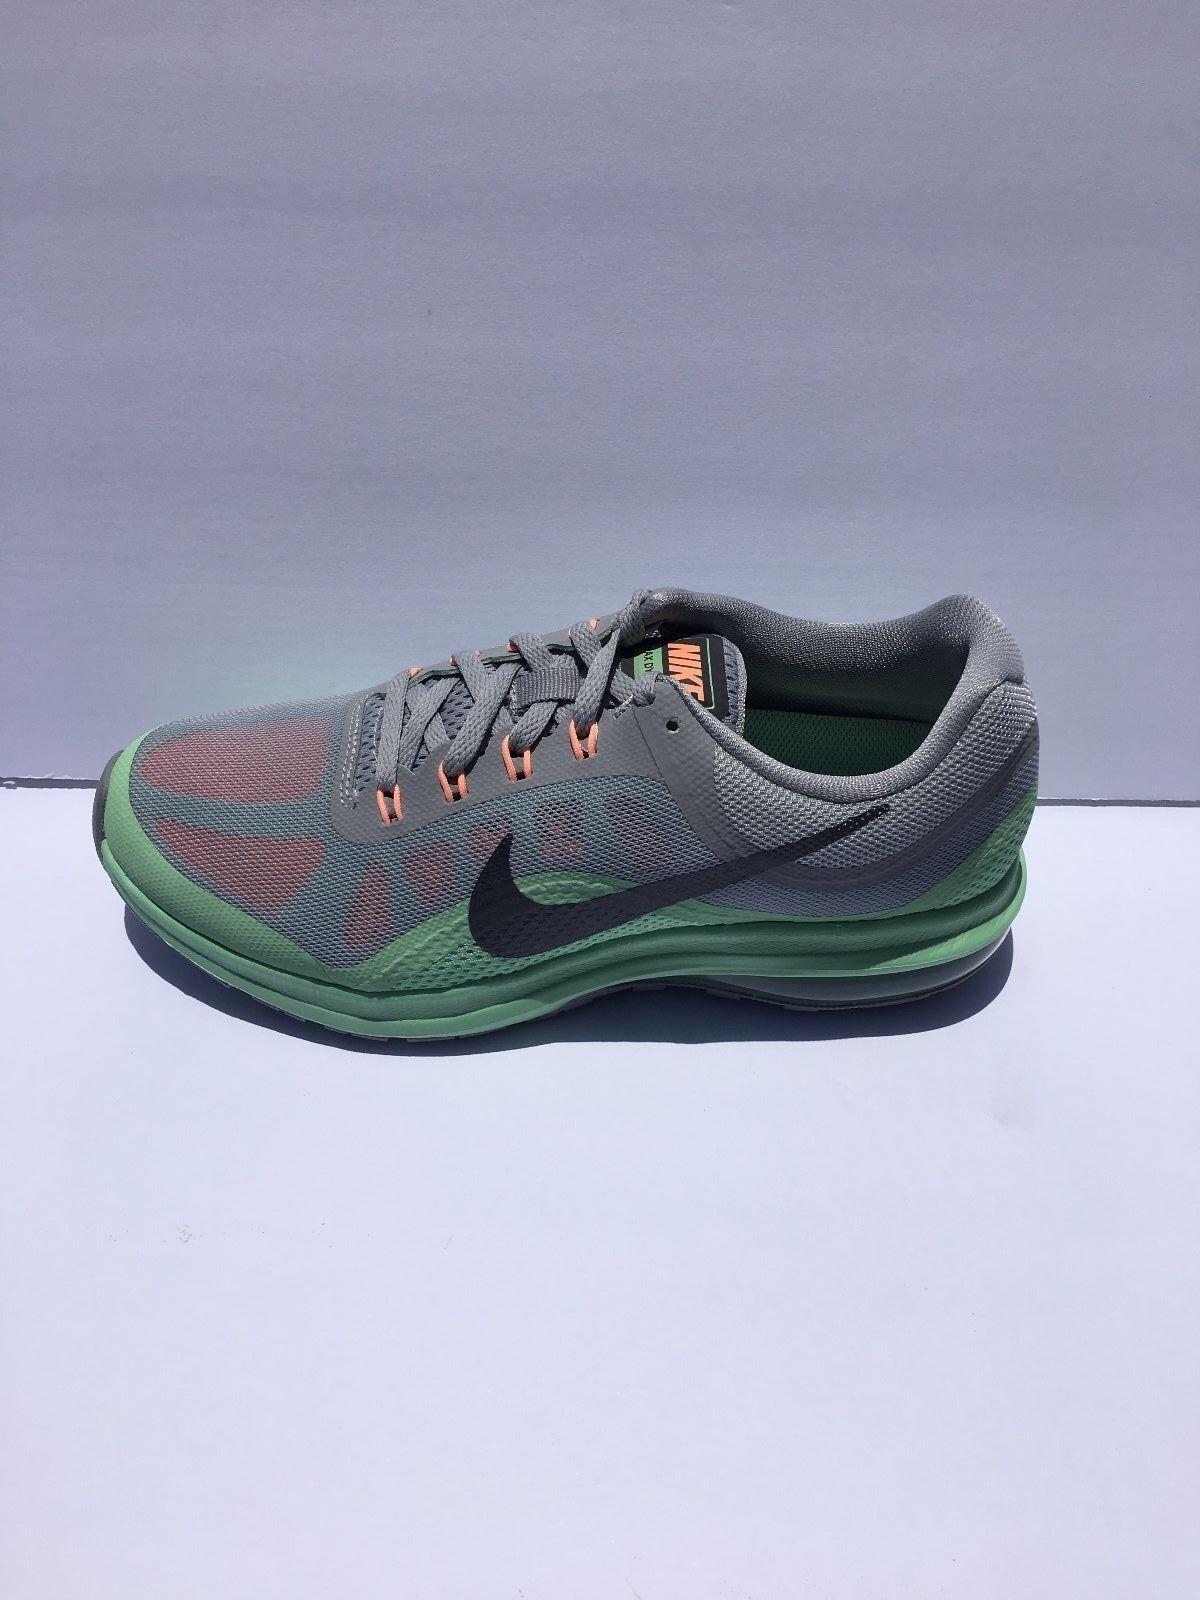 Nike air max 2 scarpe femminili della dinastia